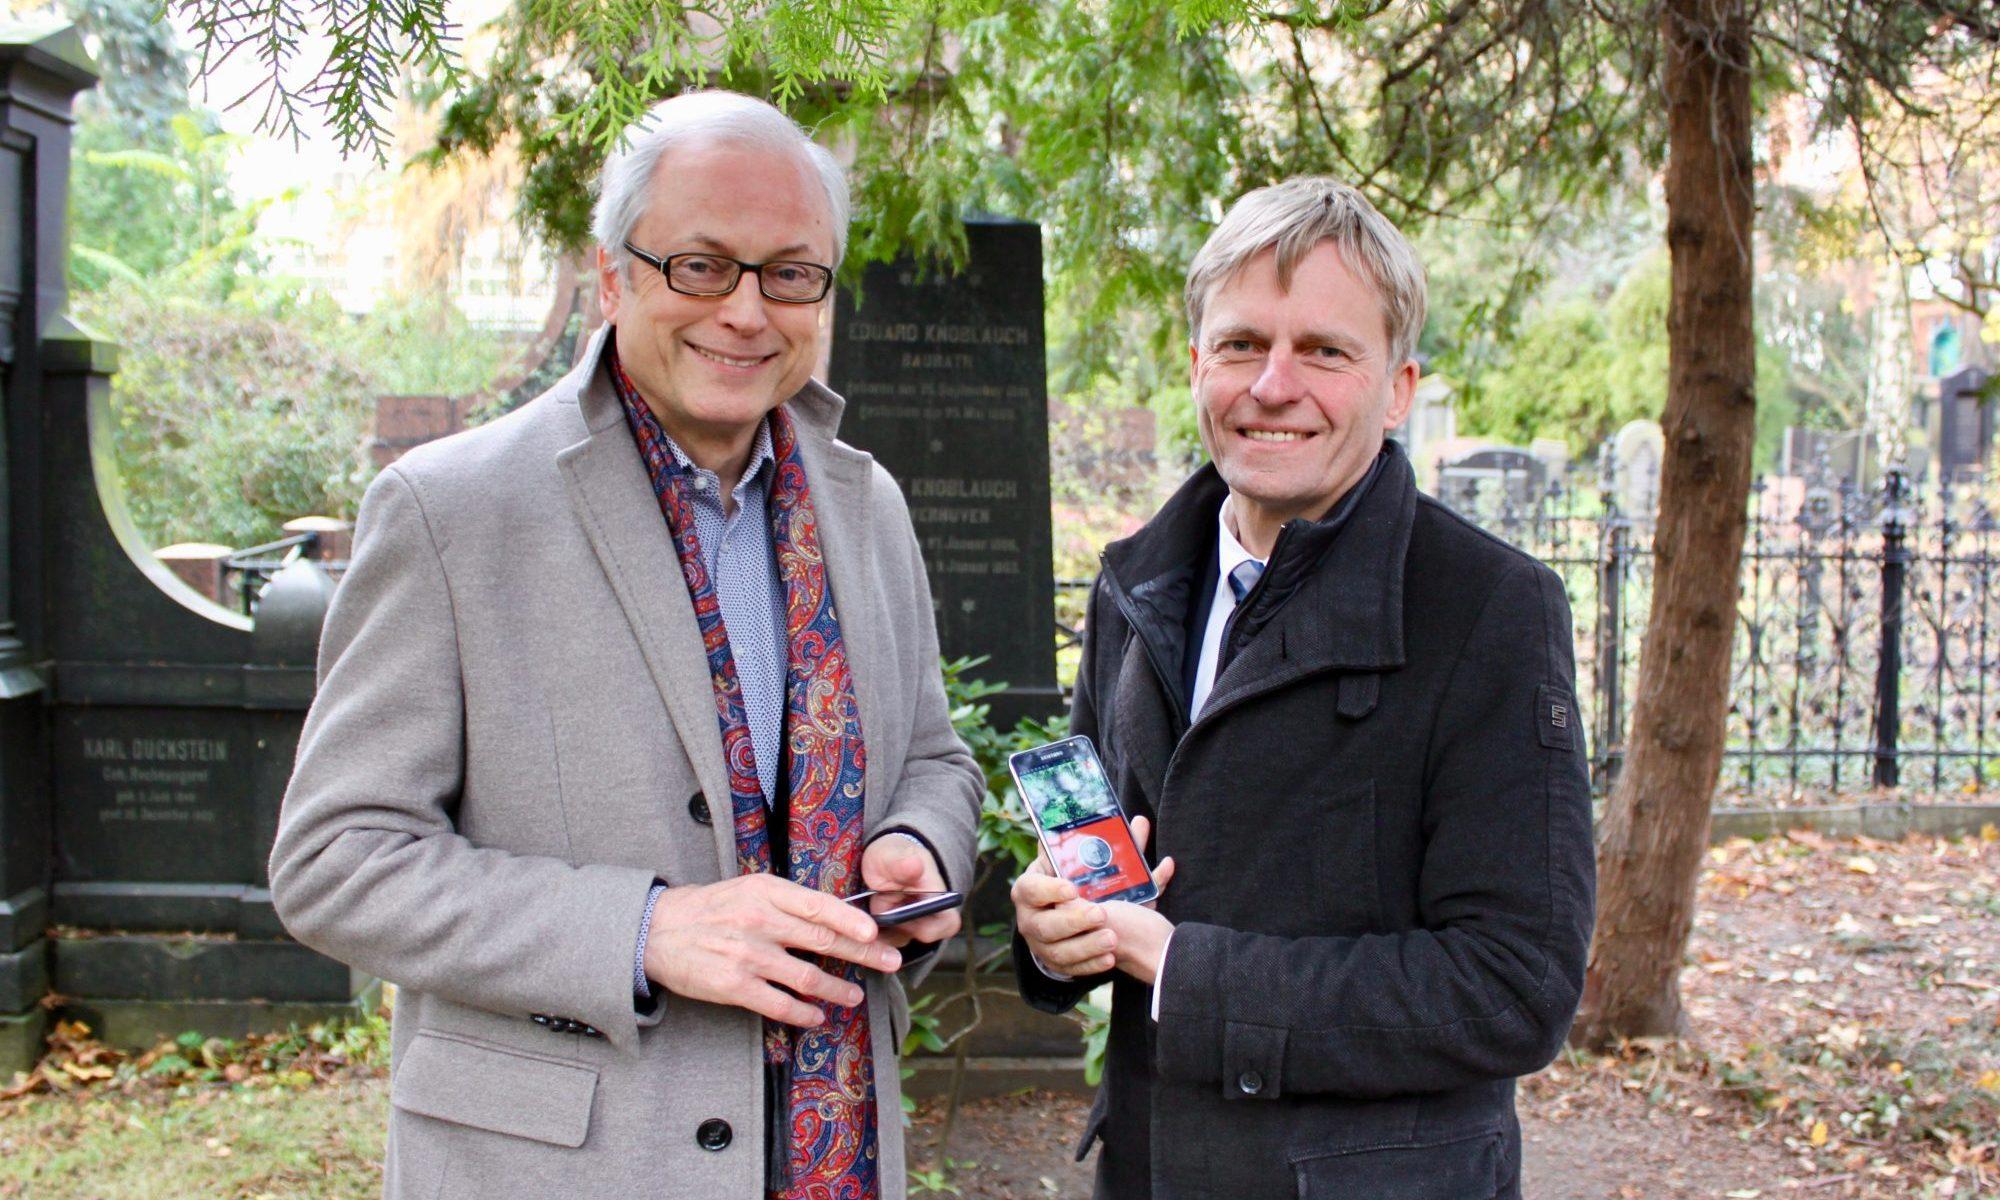 Vorstellung der Friedhofs-App durch Hans-Jürgen Schatz und Rüdiger Kruse